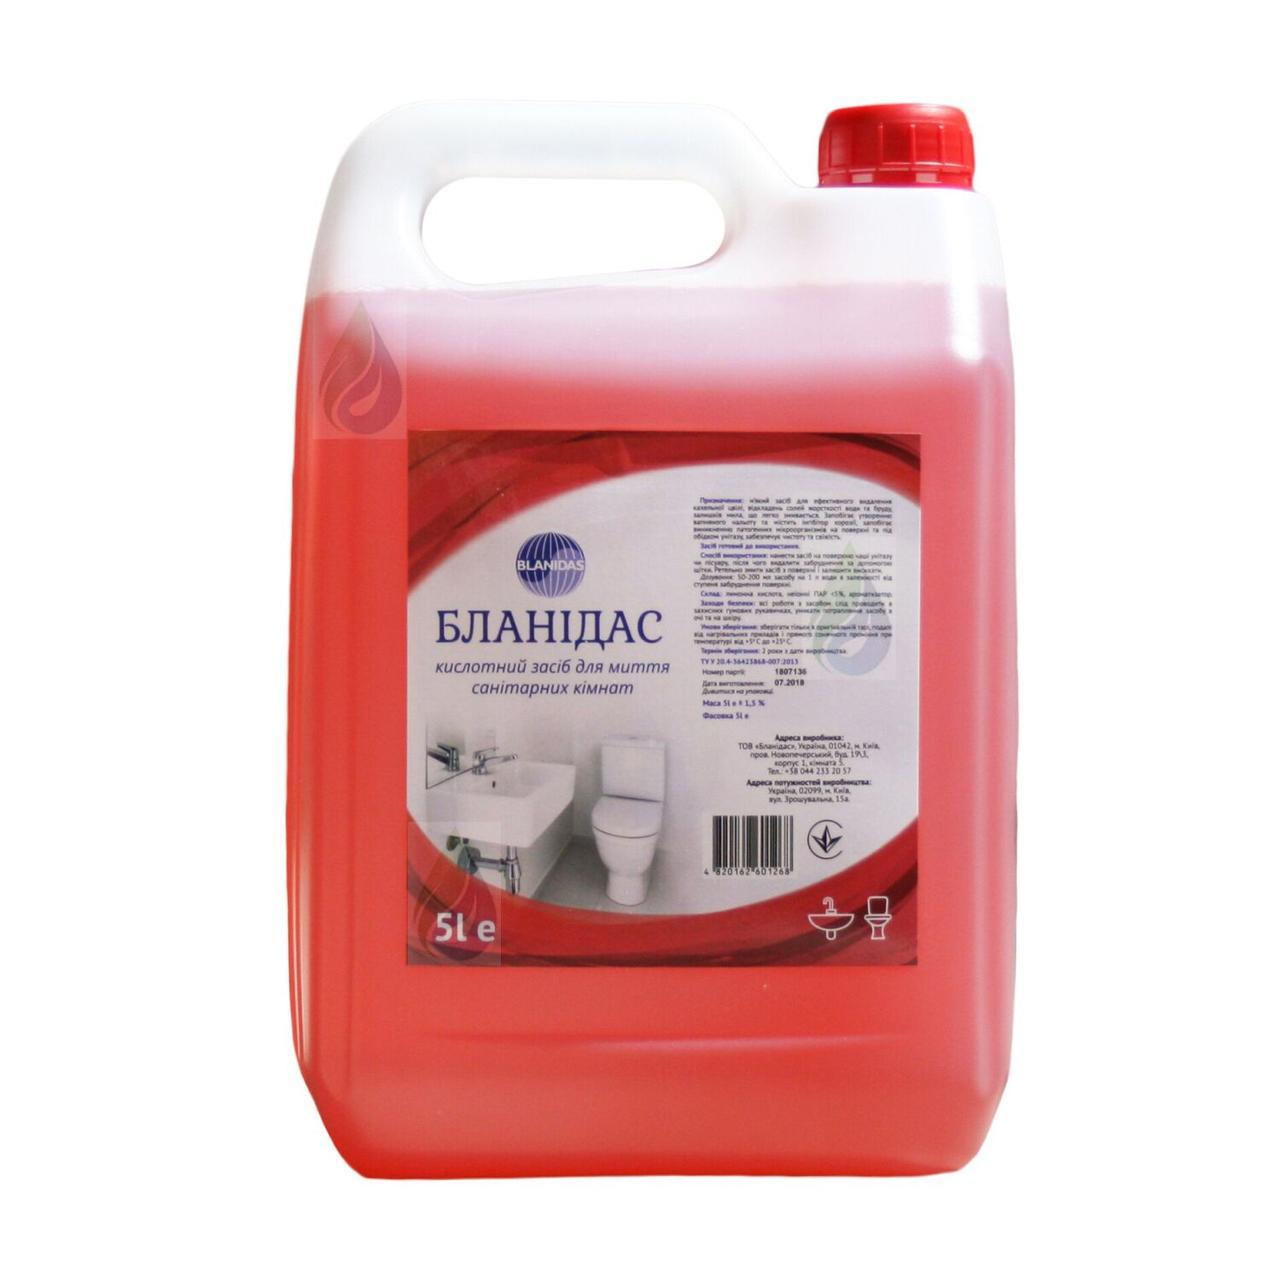 Бланидас - Кислотное средство для мытья санитарных комнат, 5 л